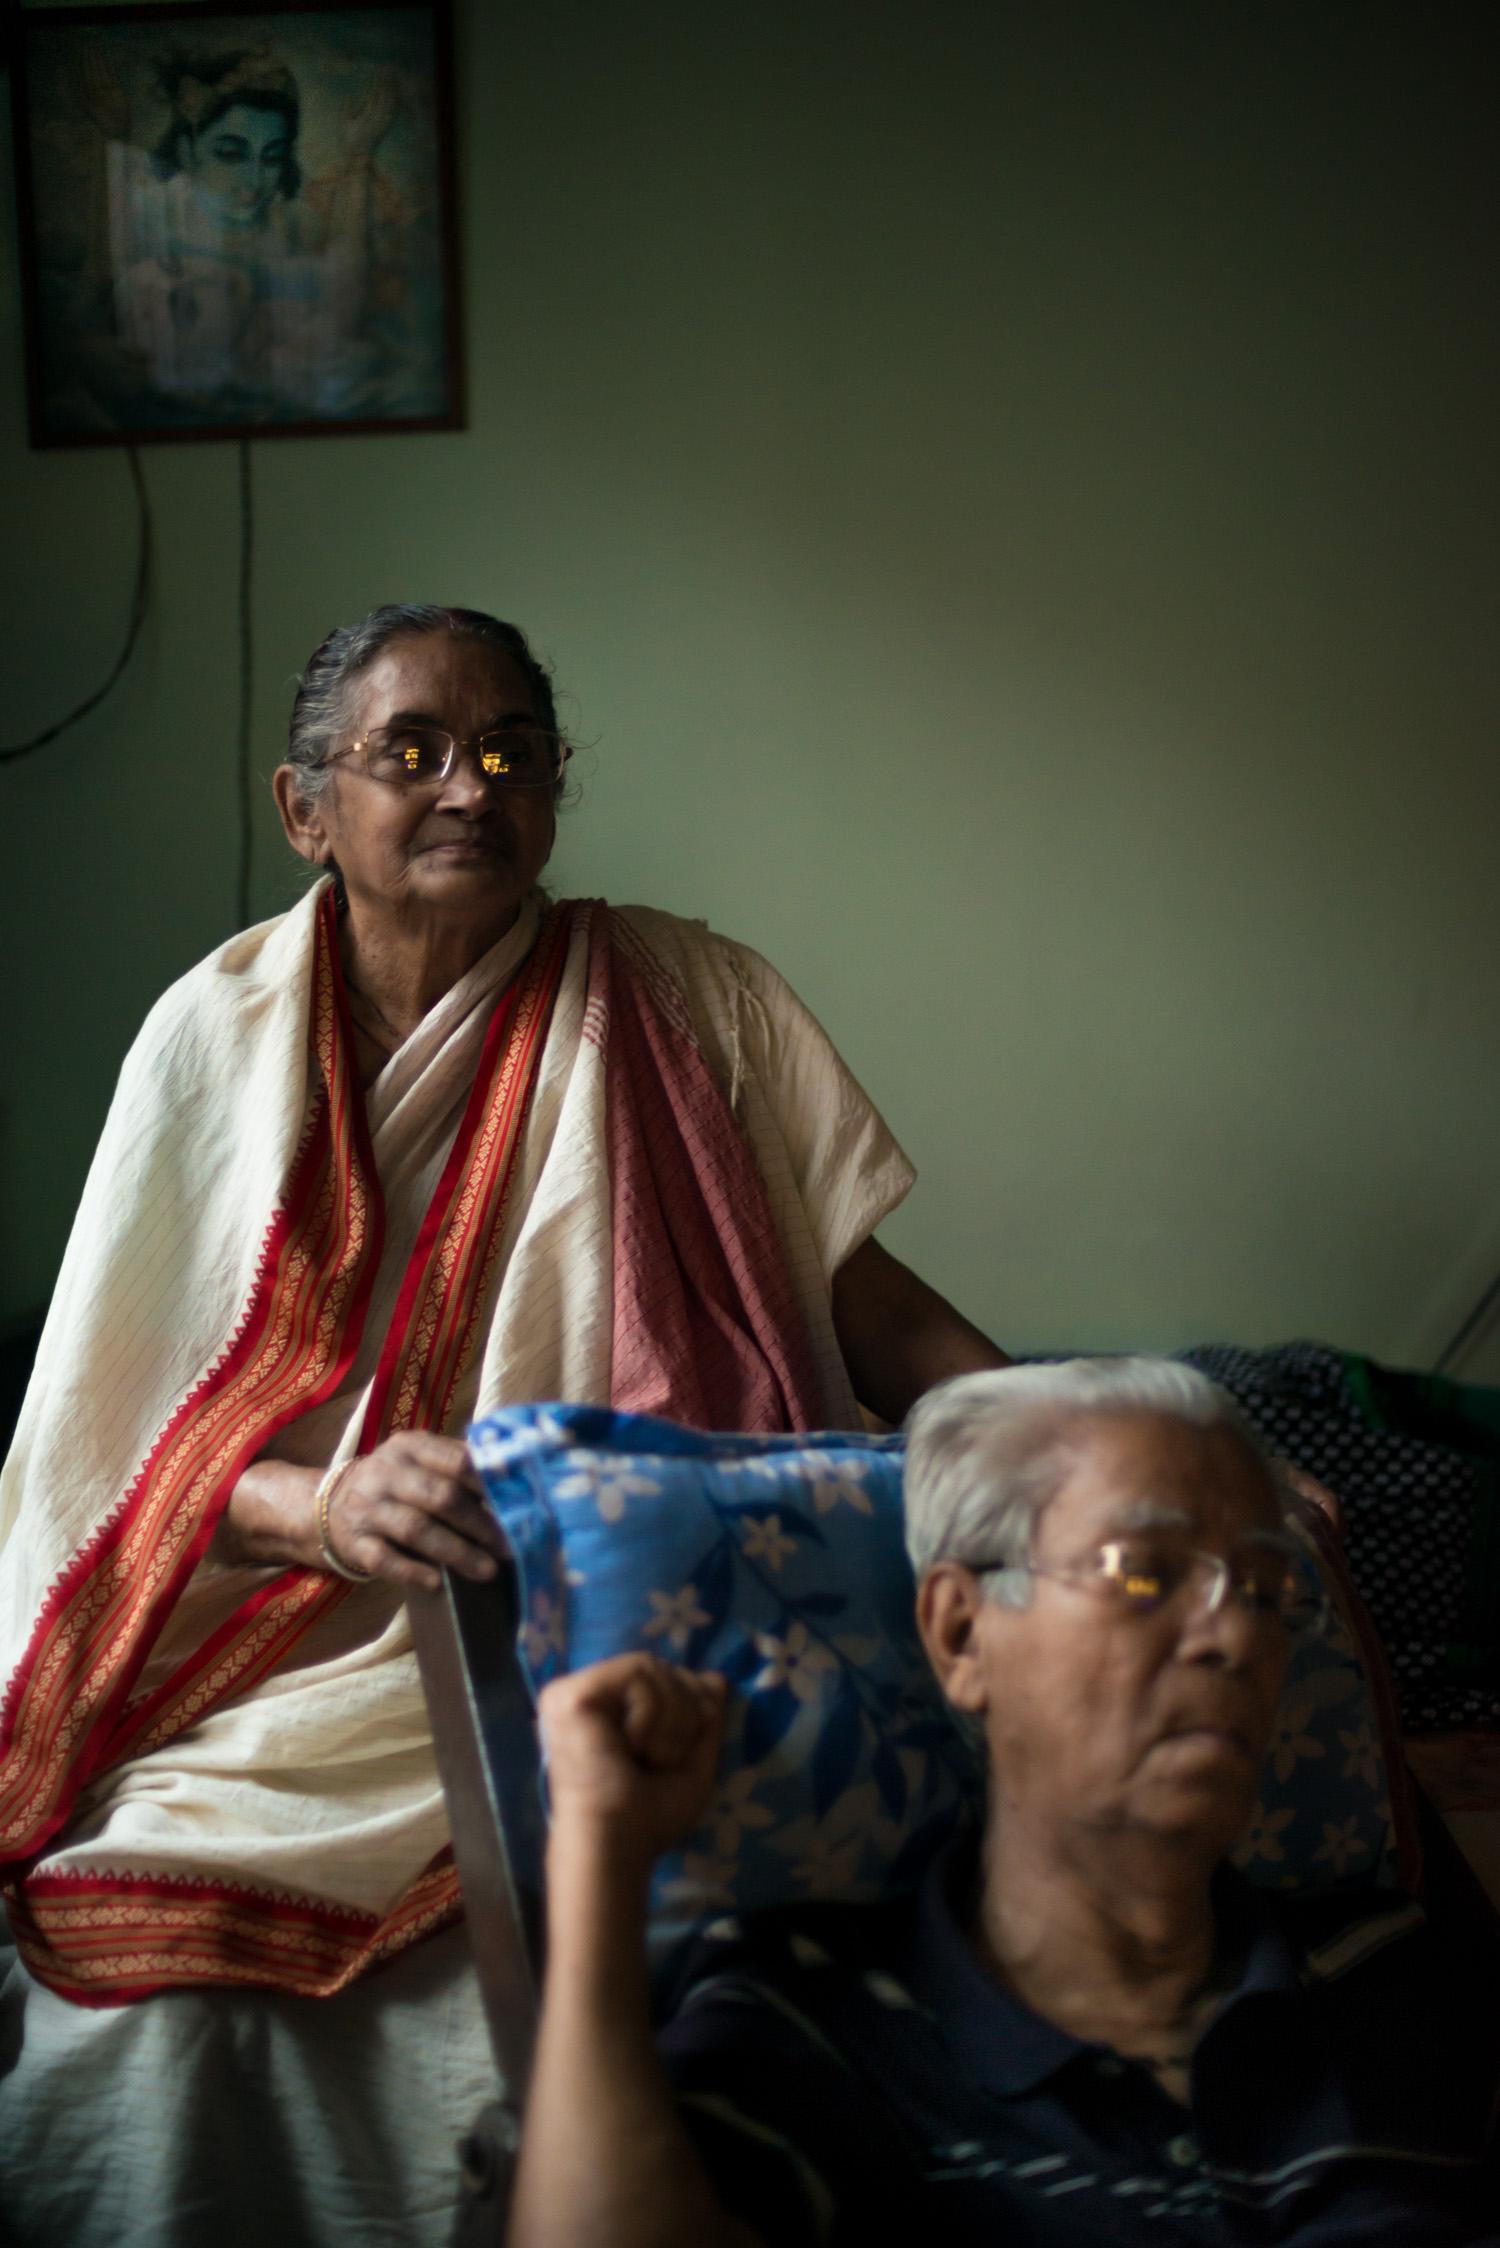 12_Chhandak Pradhan-journal-Living_in_Memory-old_dementia_grandparents.jpg